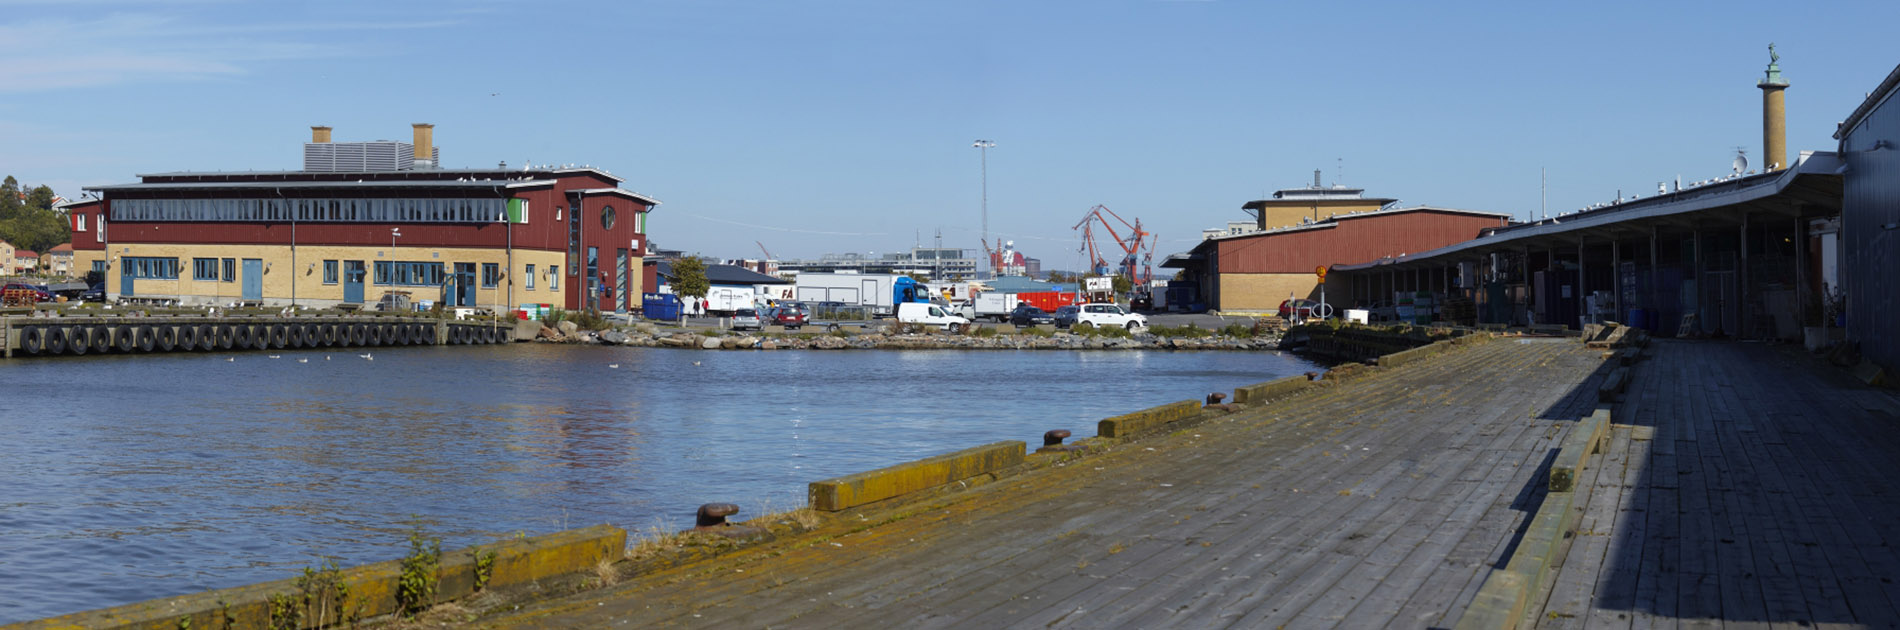 Utsikt över Fiskhamnen.